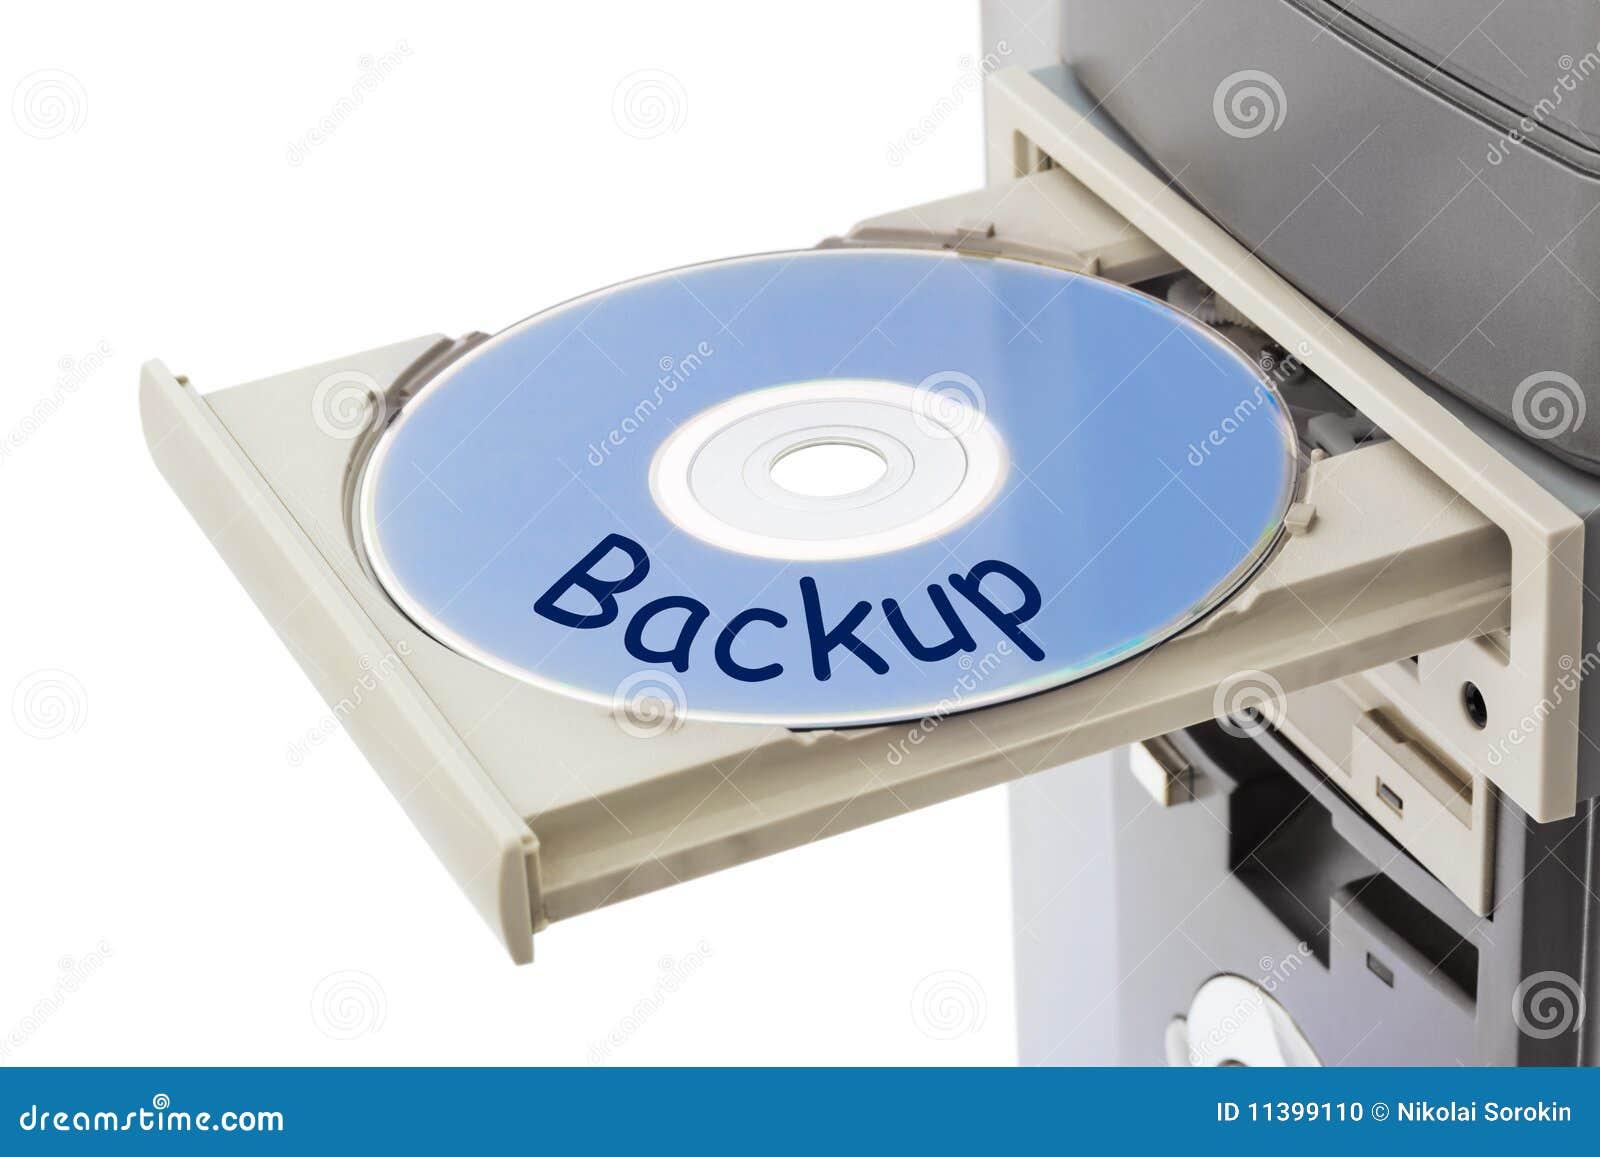 Как сделать точную копию жесткого диска с системой